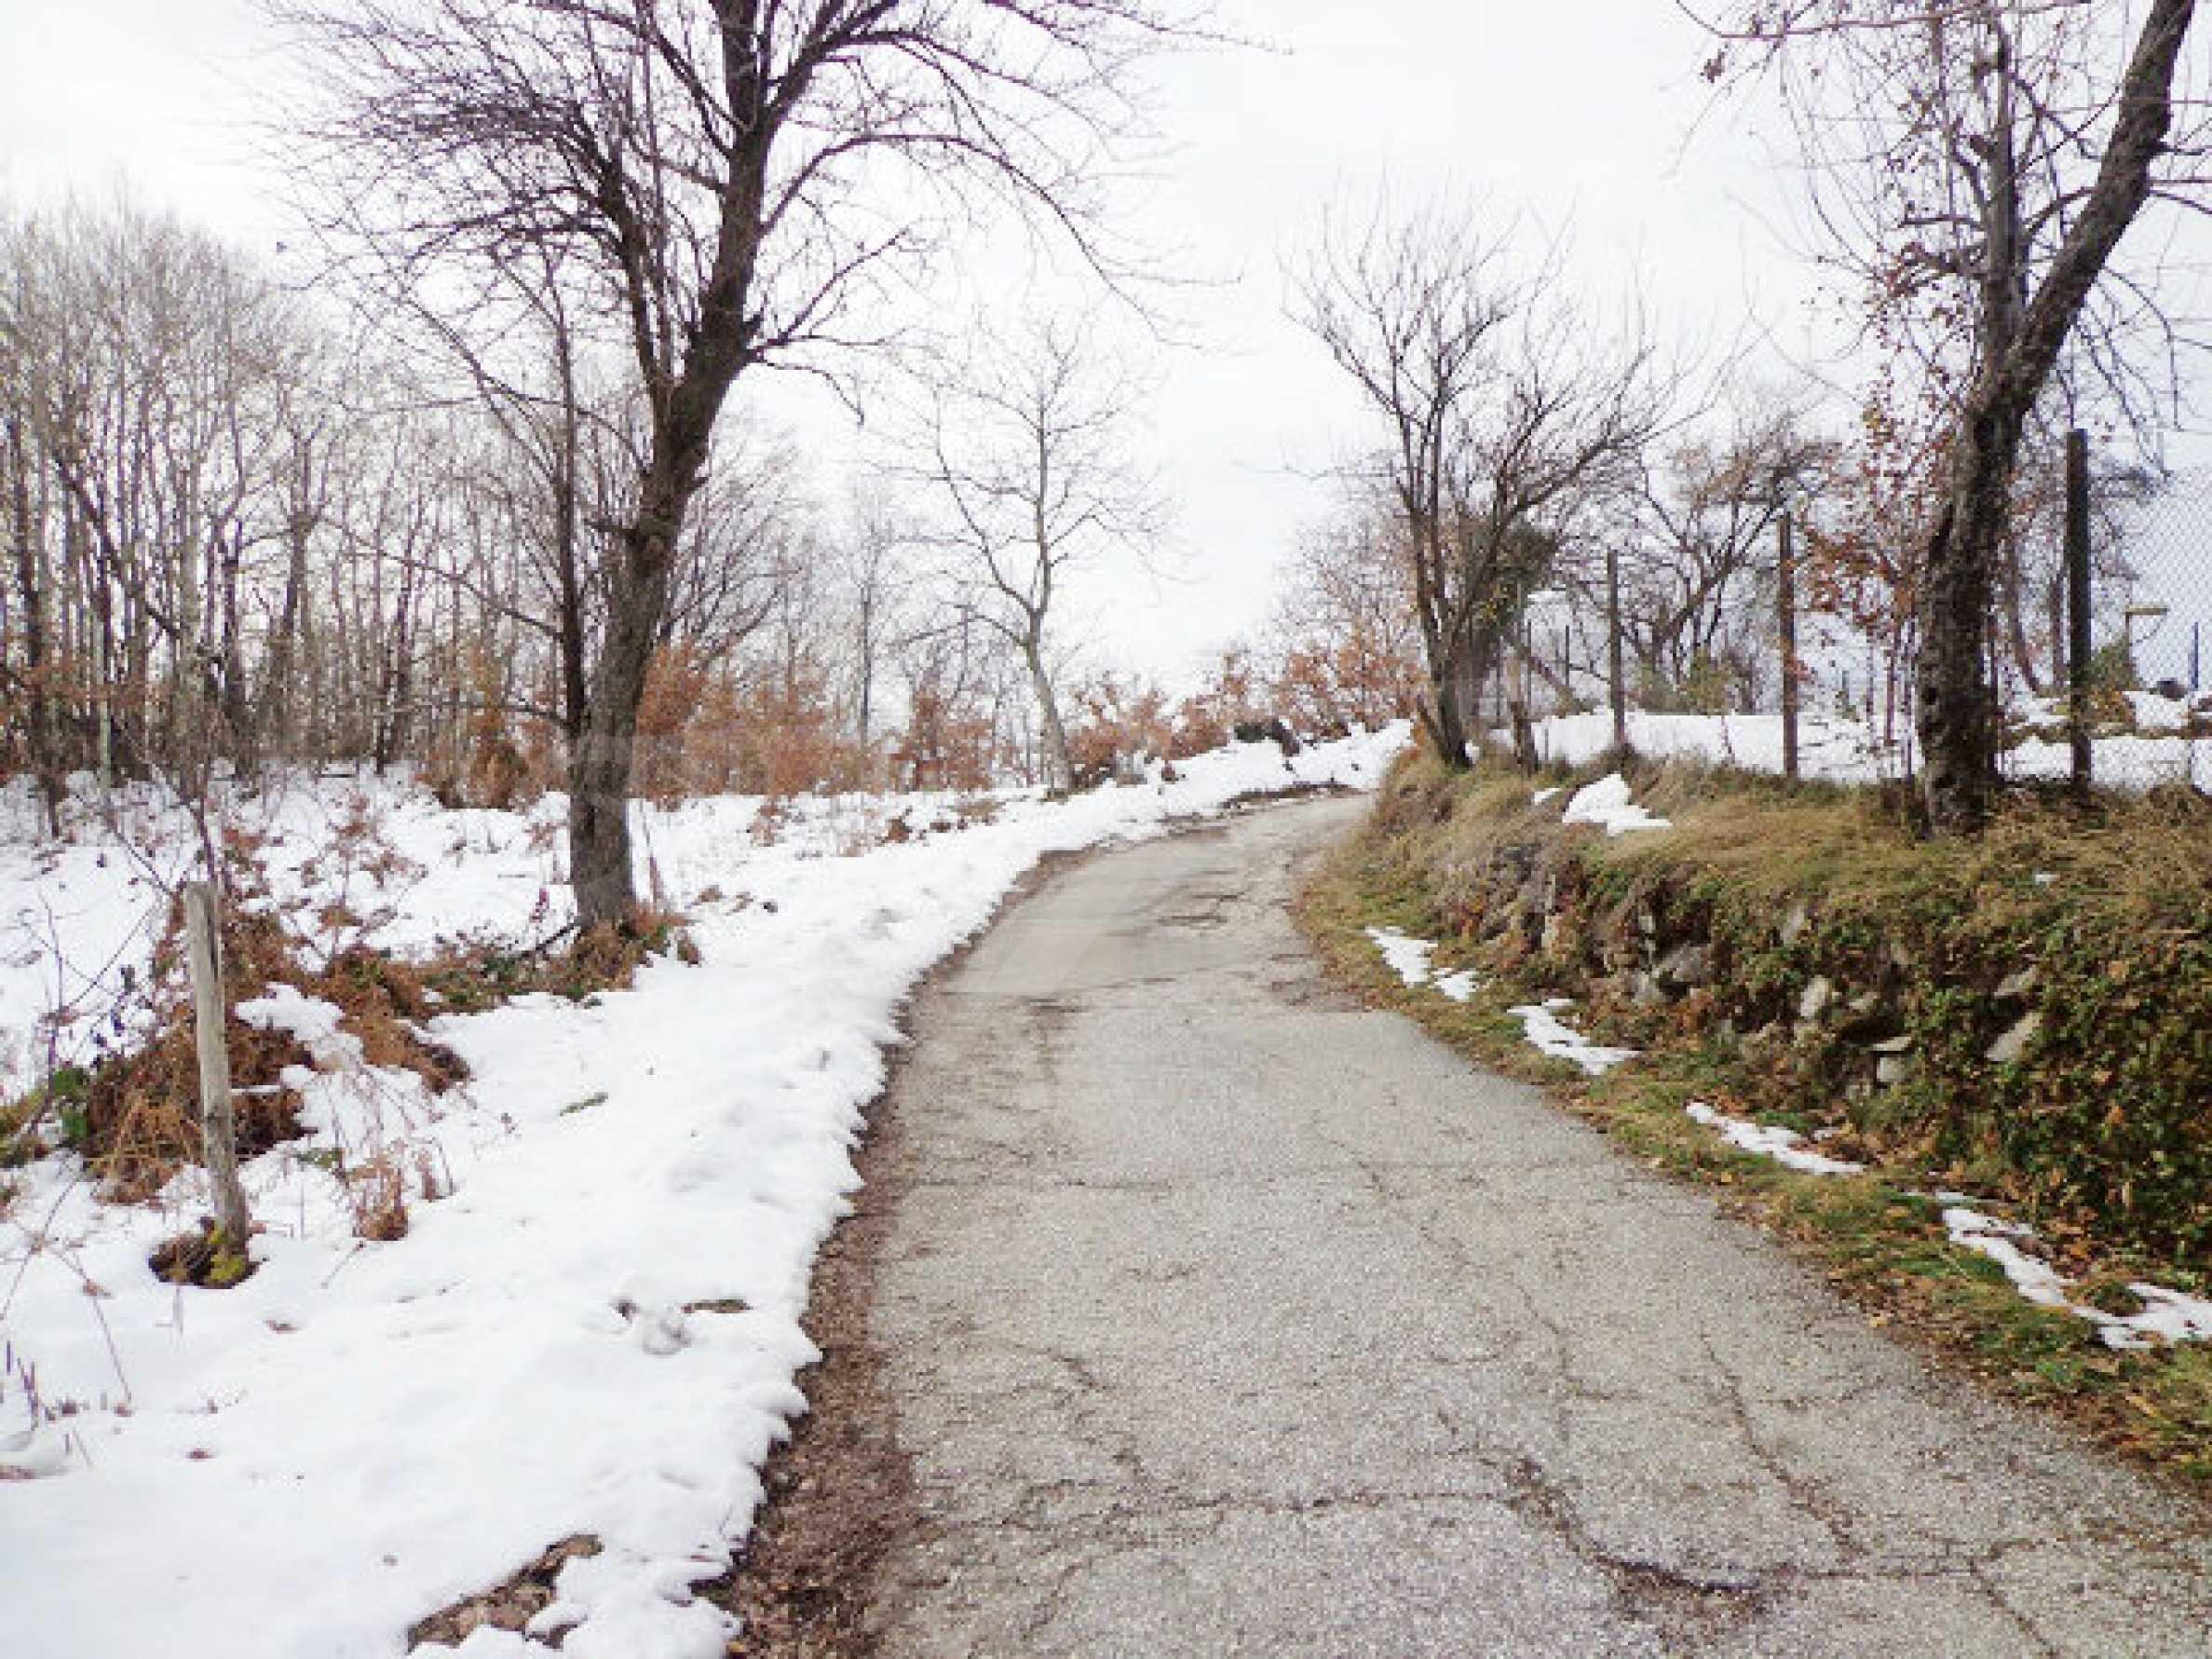 Grundstück zum Verkauf in einem Dorf 5 km von Tryavna entfernt 13